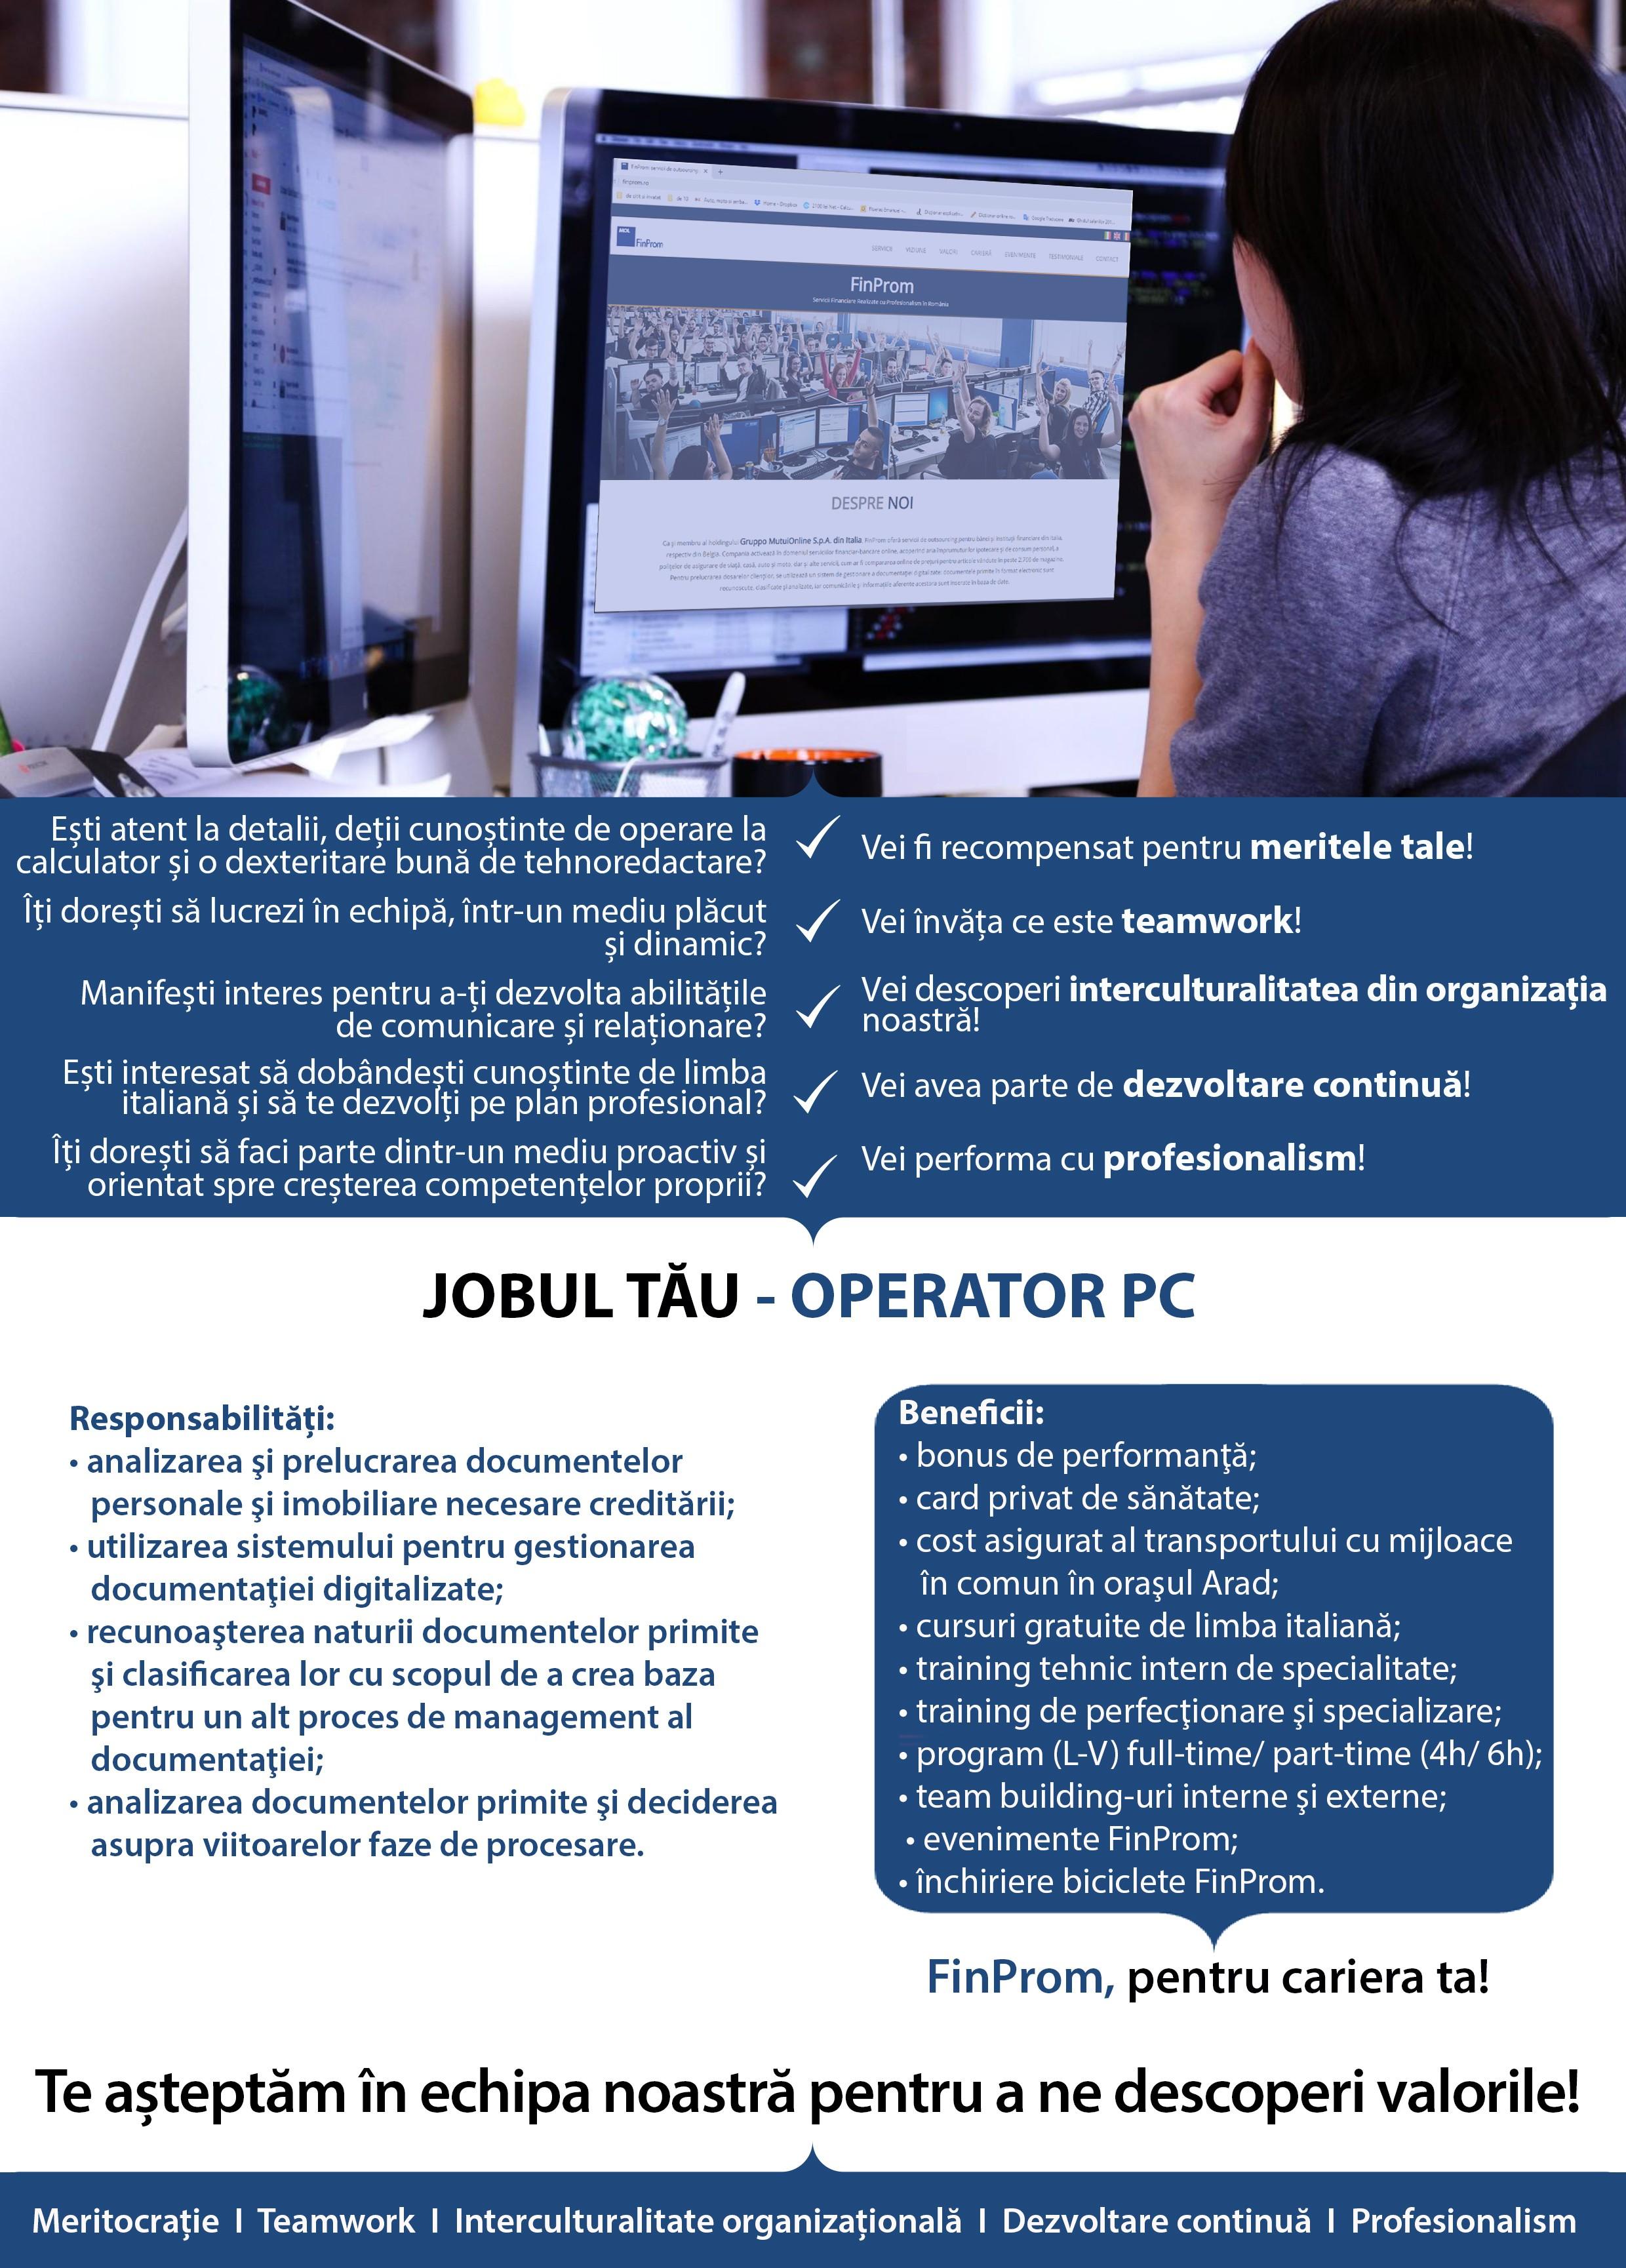 Anunt de recrutare_ operator pc 2019 v4